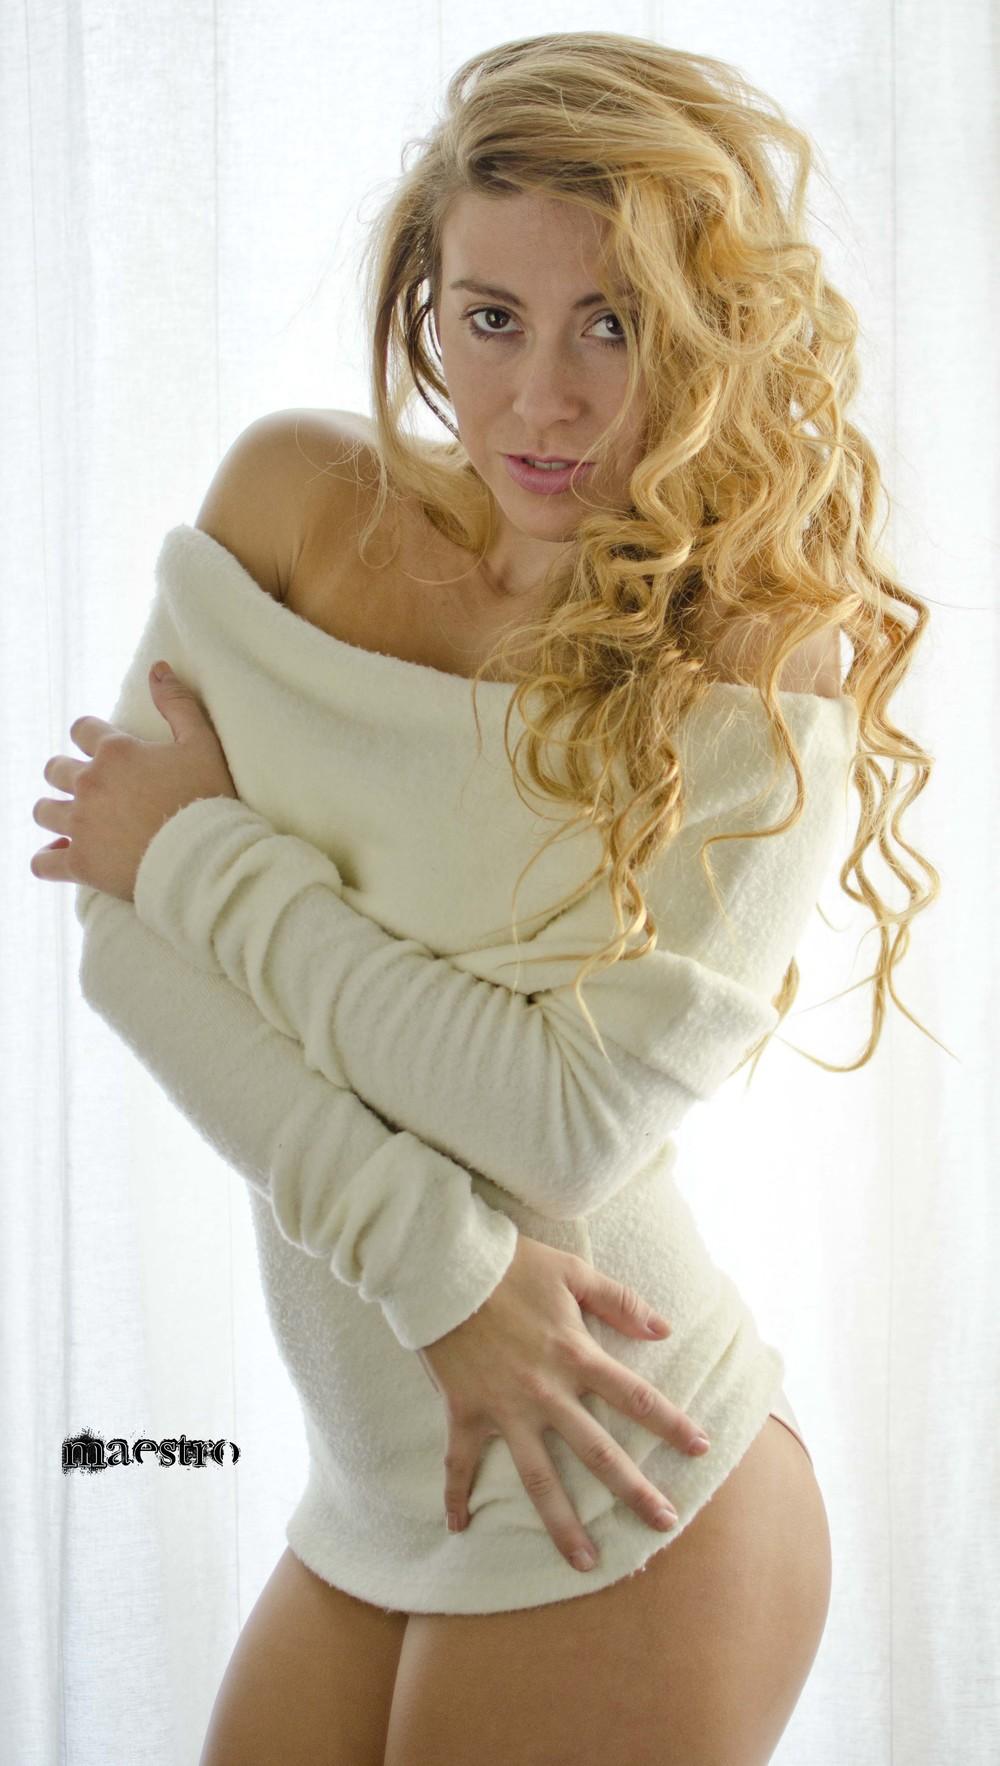 fierce white dressbranded.jpg